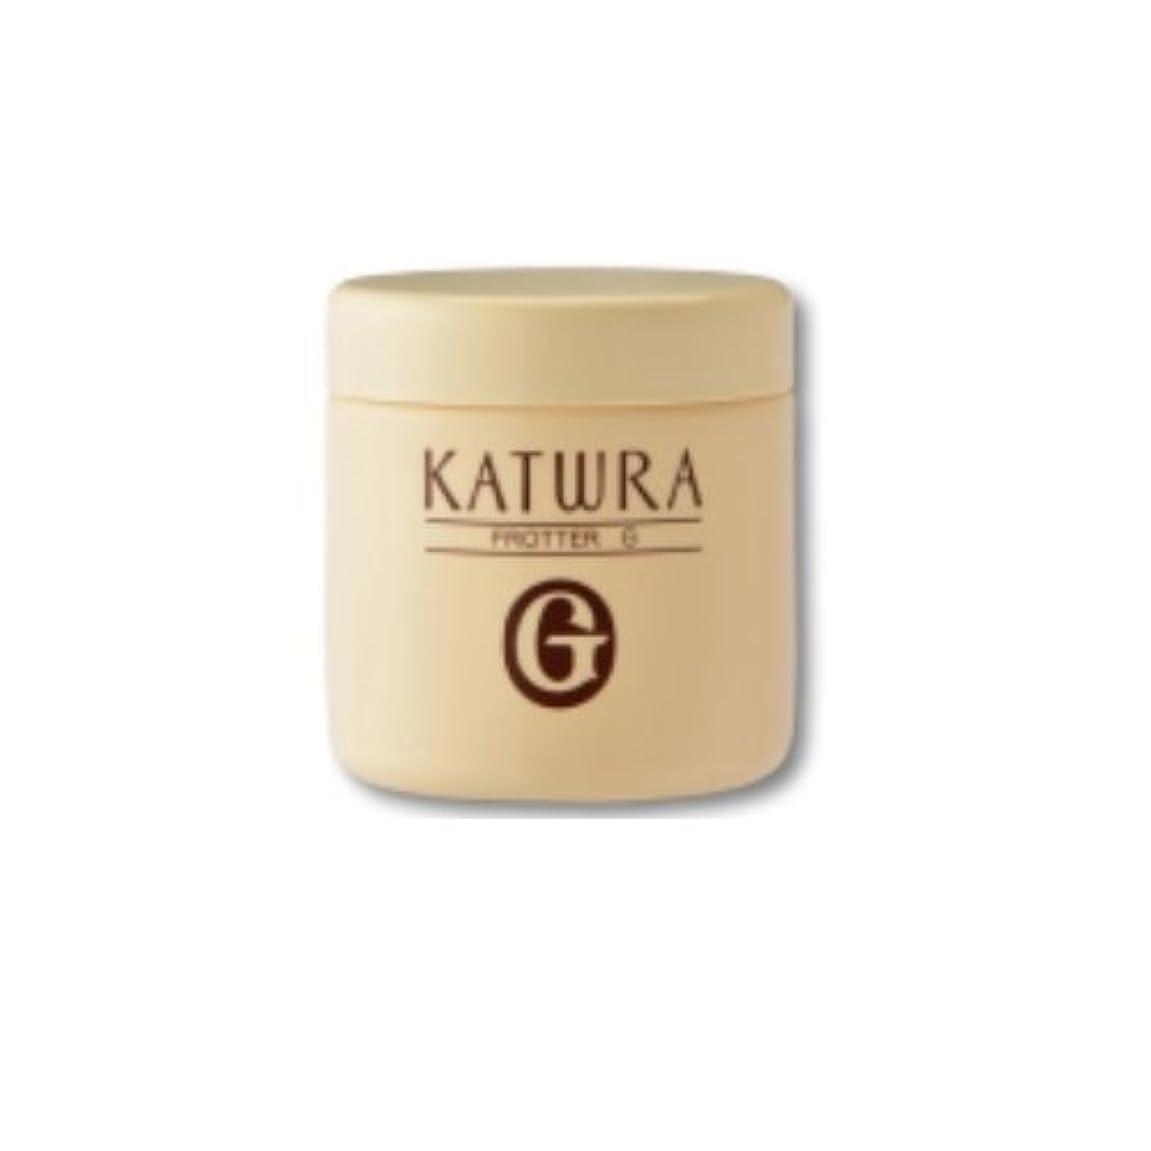 カツウラ フローテG 500g (角質ケア洗顔料)